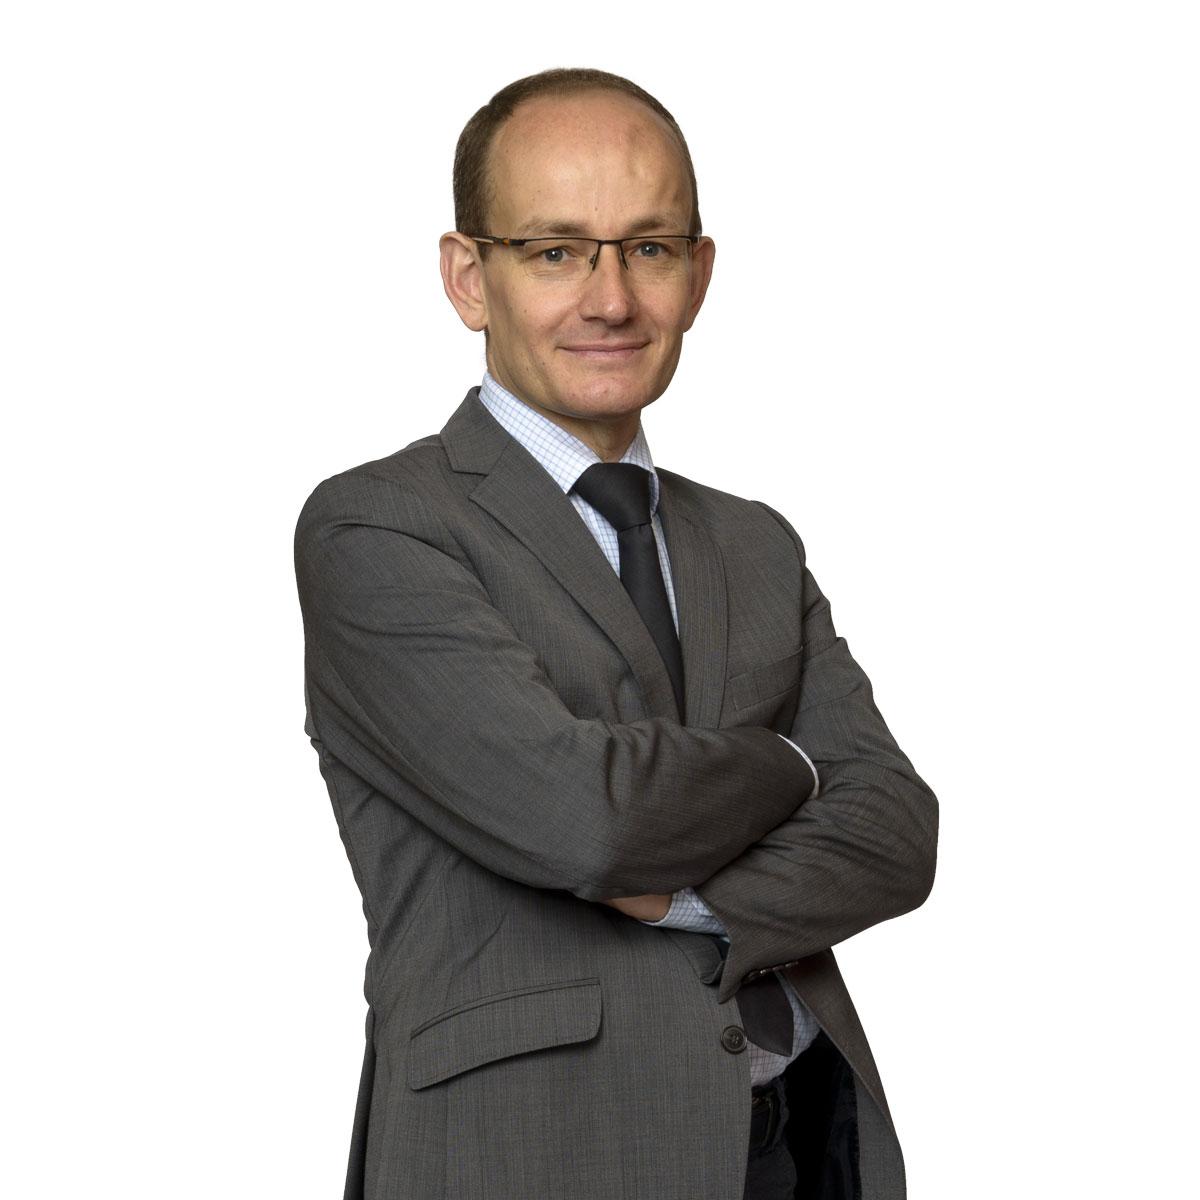 Paul Schillings